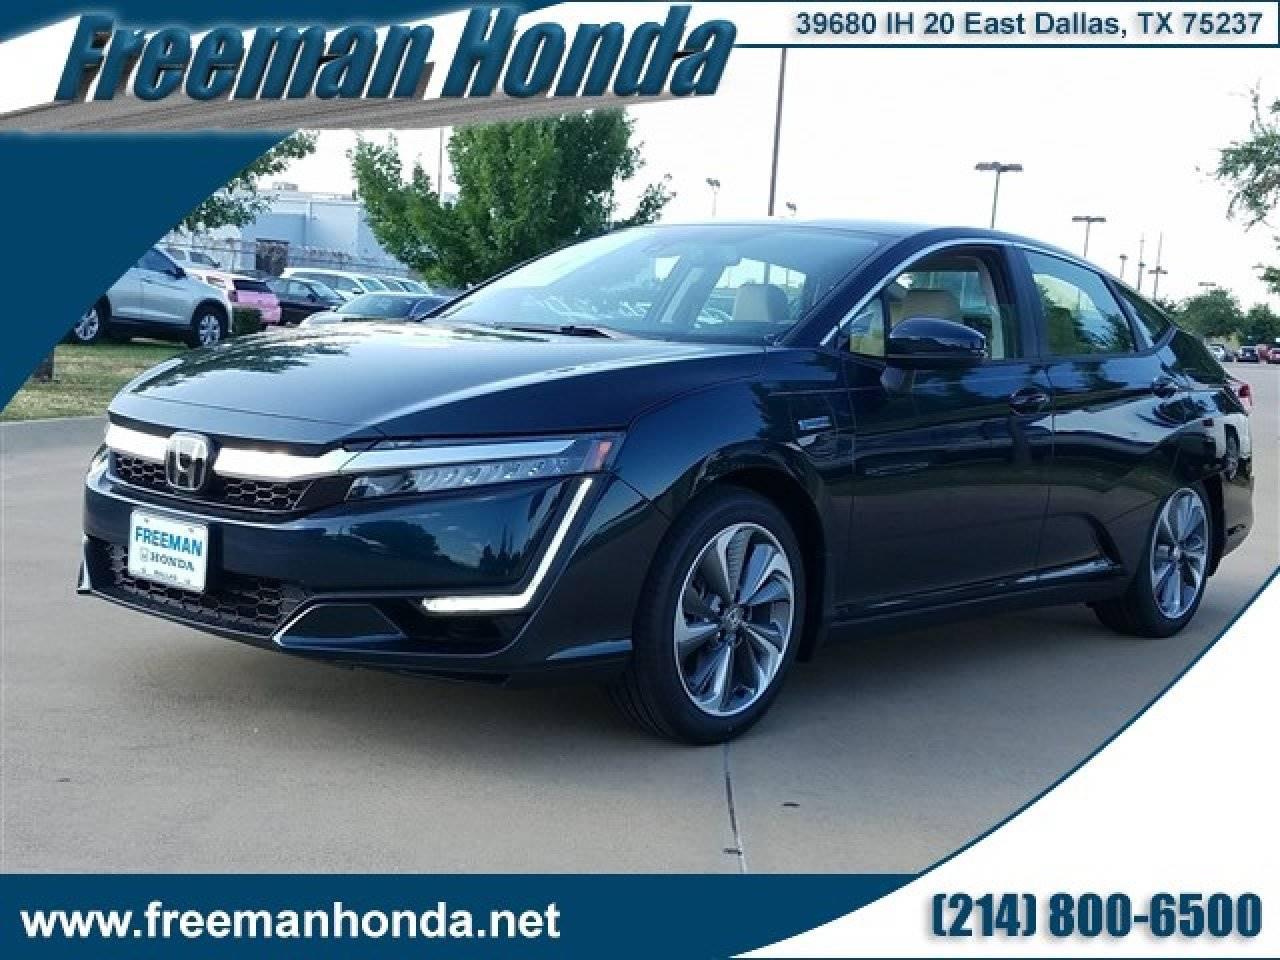 2018 Honda Honda